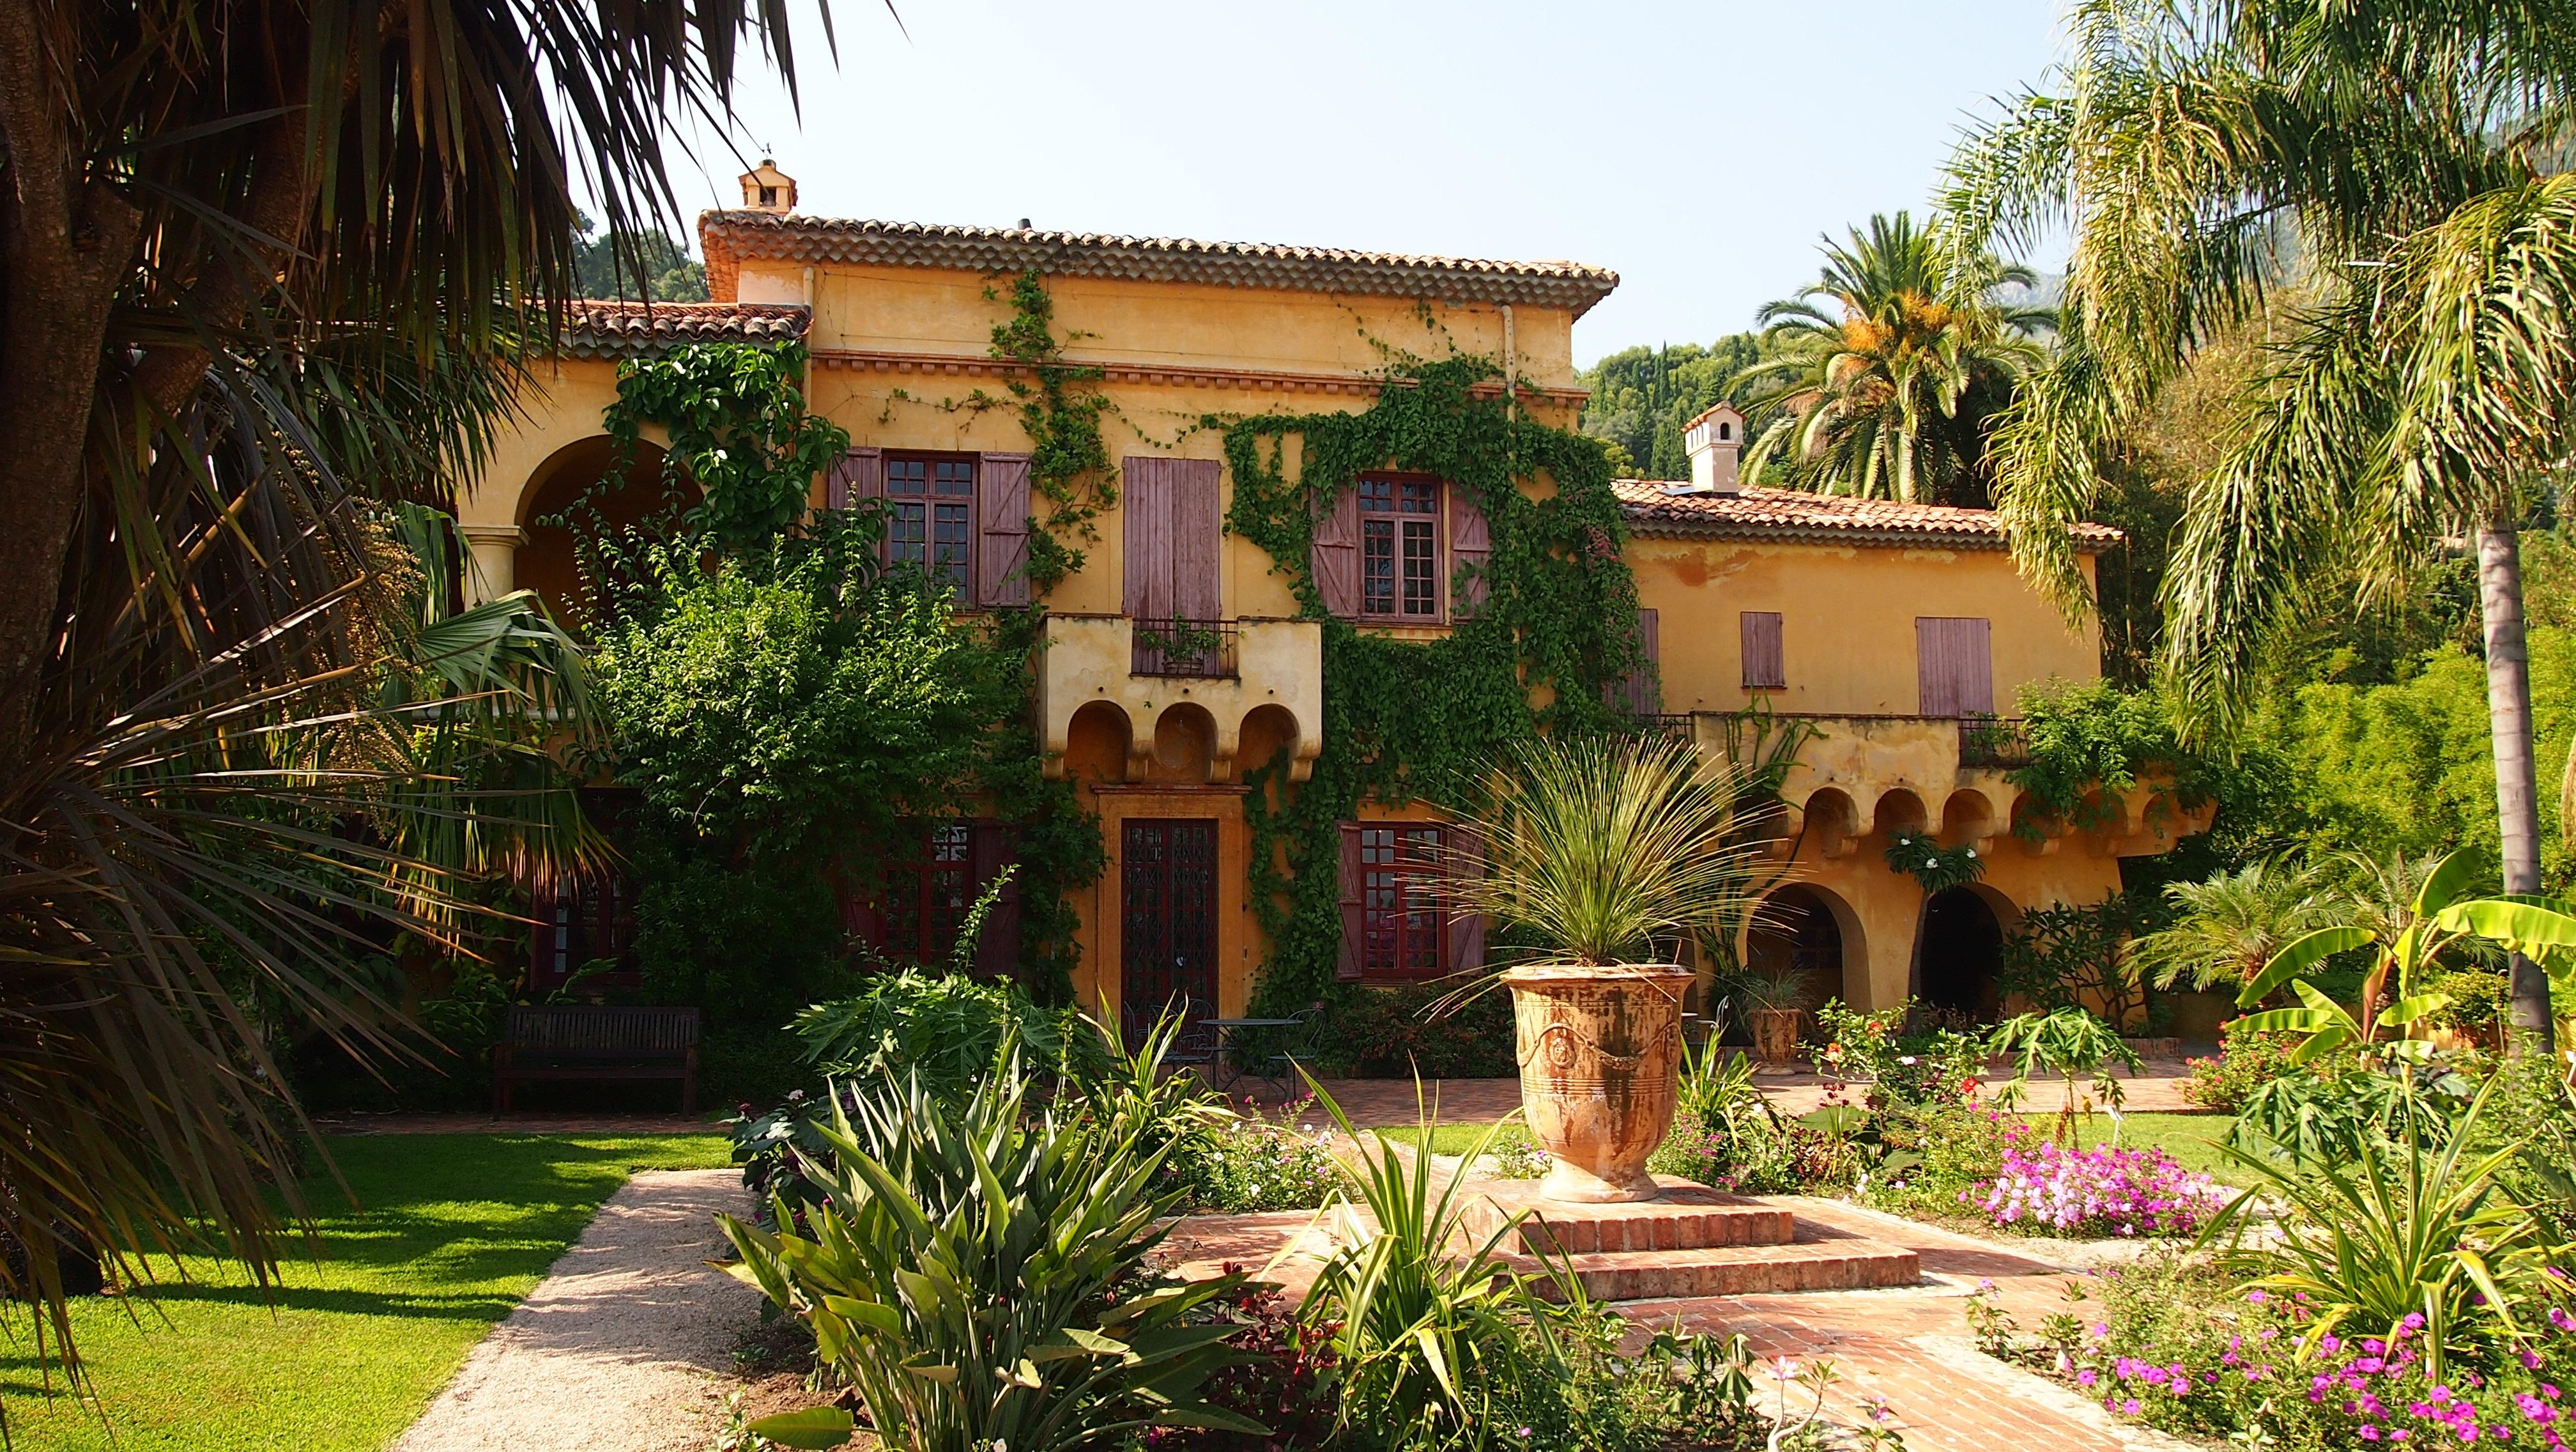 Fotos Gratis Villa Palacio Casa Pueblo Mediterr 225 Neo